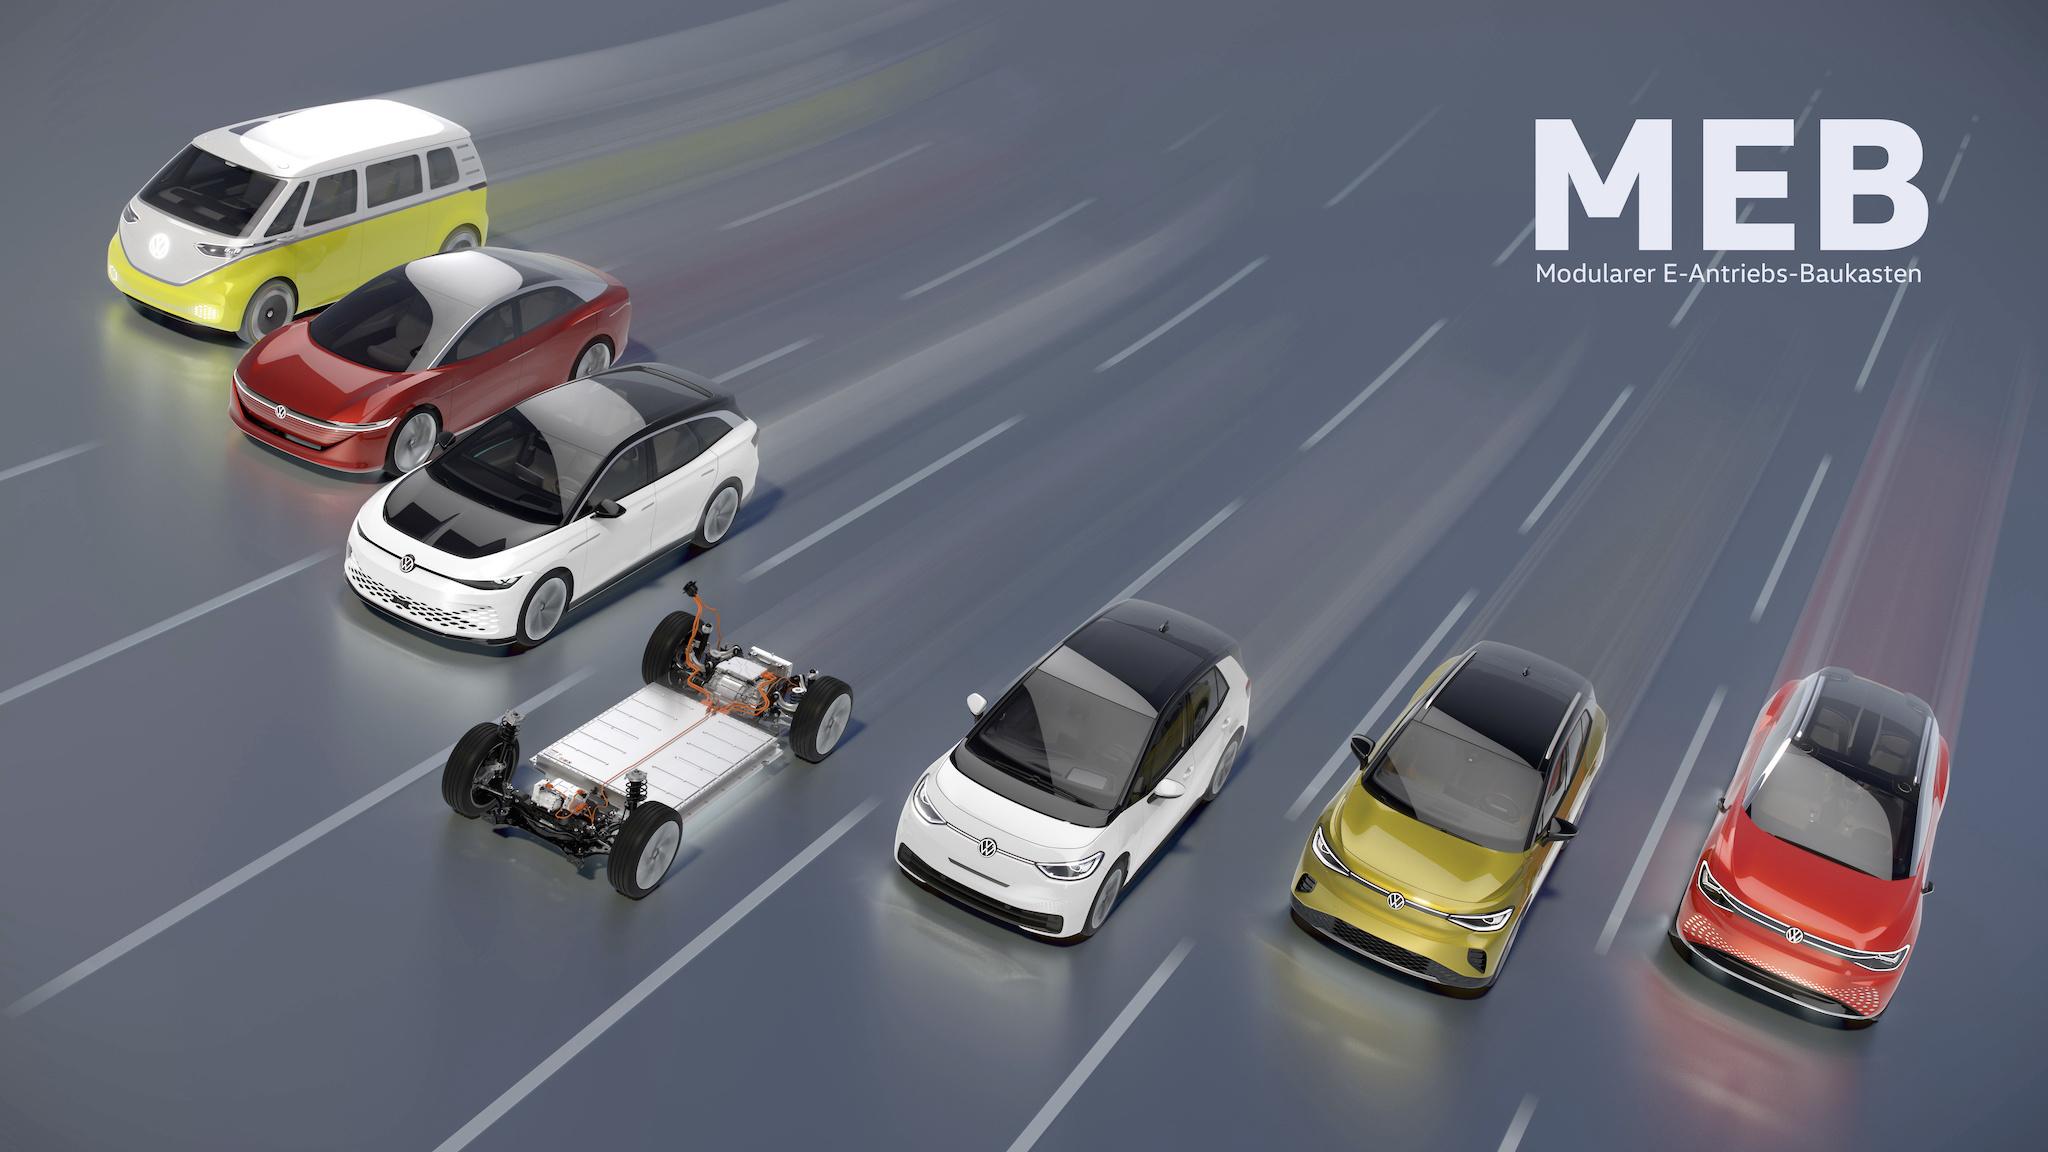 隨著 MEB 平台應用日漸廣泛,福斯 2023 年前會有 7 款電動車。